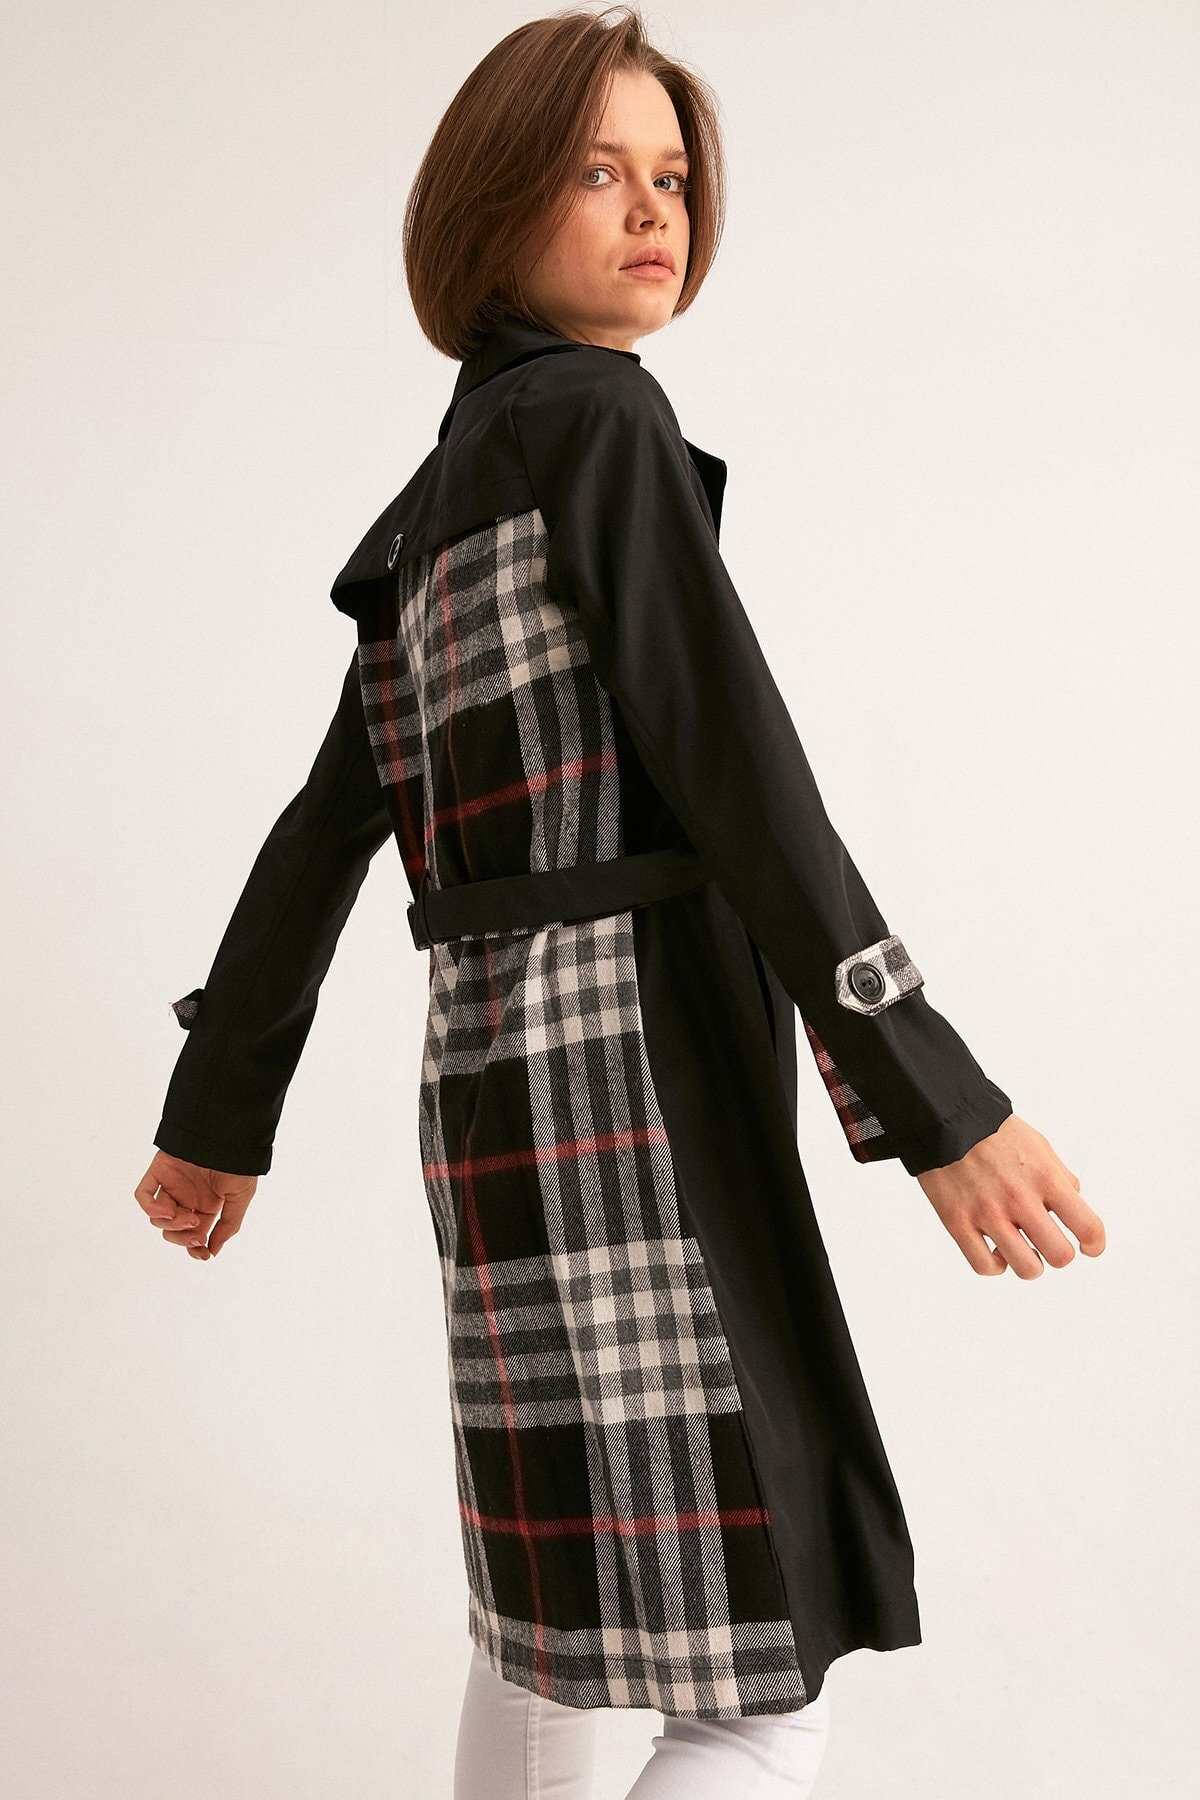 Fulla Moda Kadın Siyah Arkası Ekose Trençkot 1